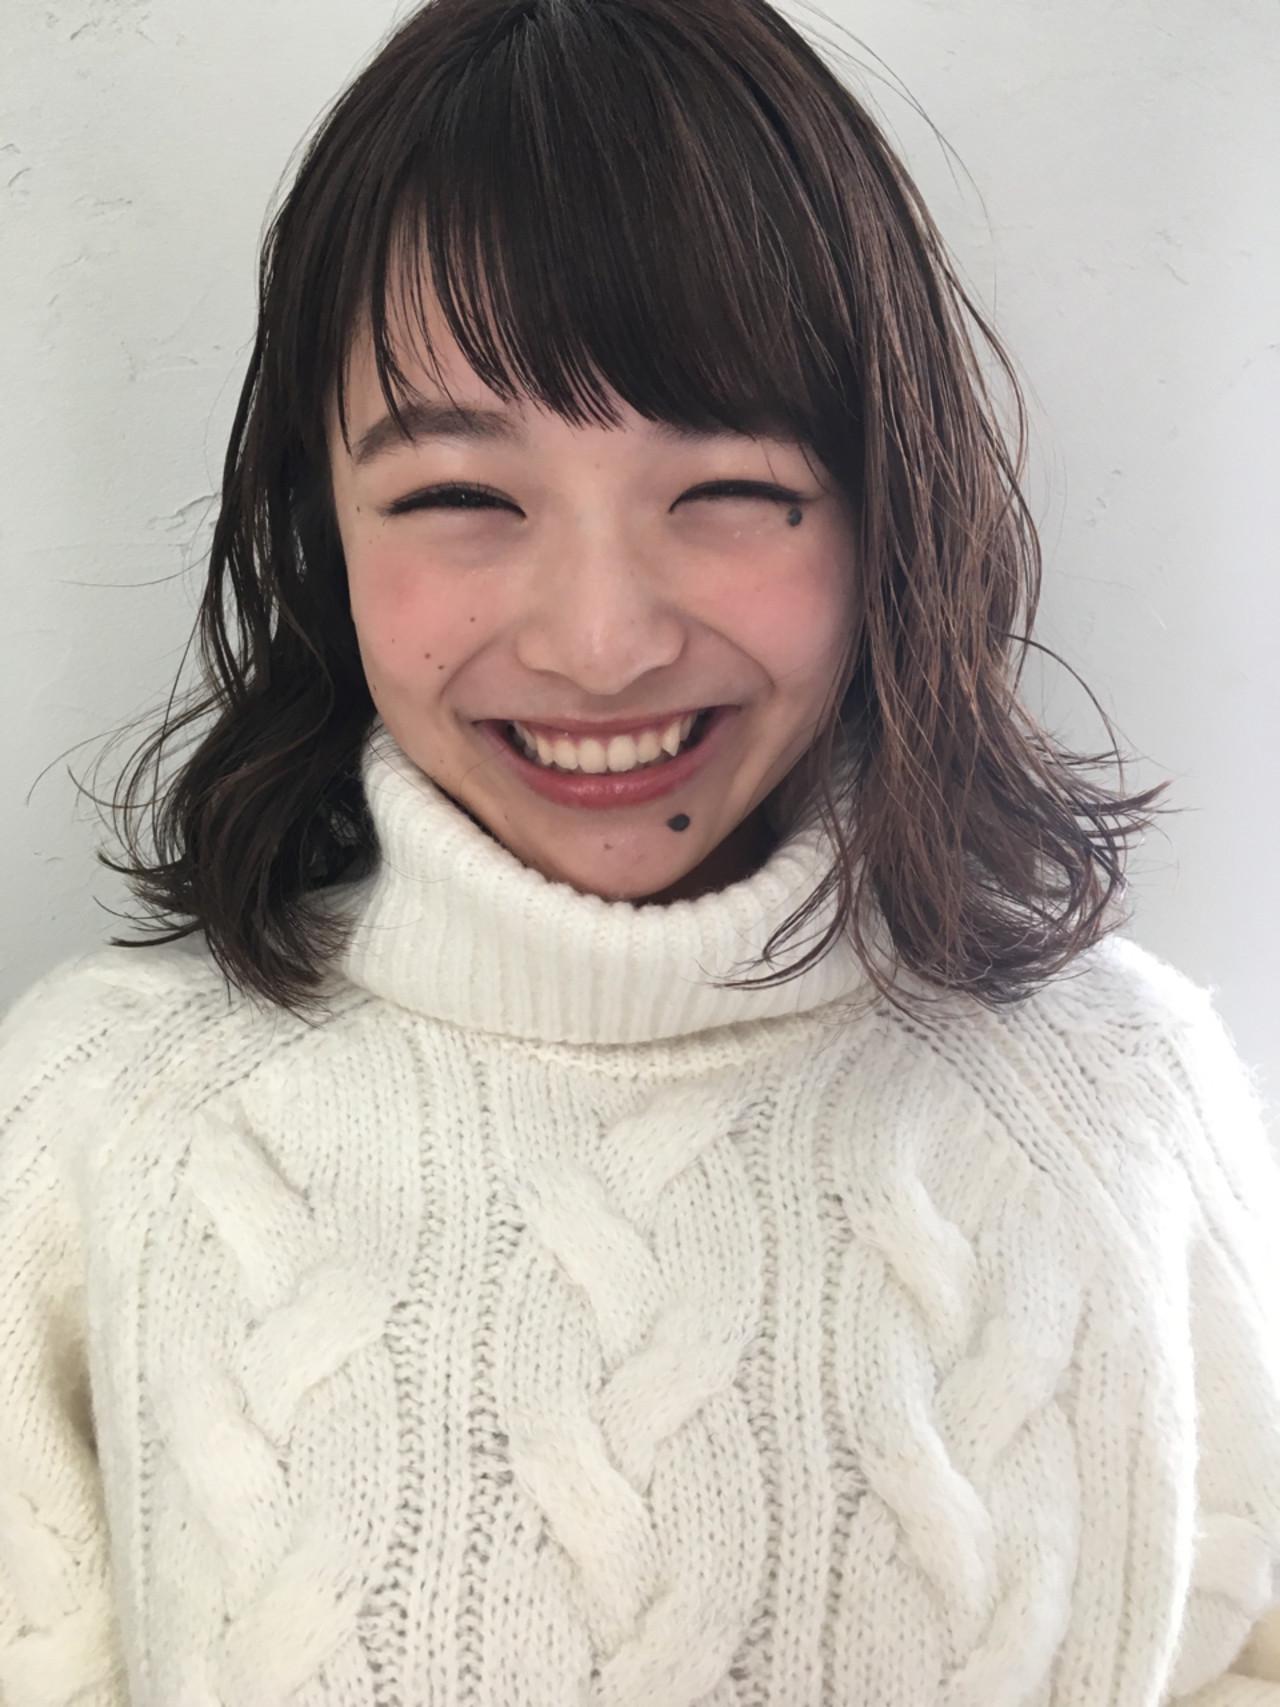 リラックス 暗髪 前髪あり パーマ ヘアスタイルや髪型の写真・画像 | joemi by unami 森千里 / joemi by unami 新宿